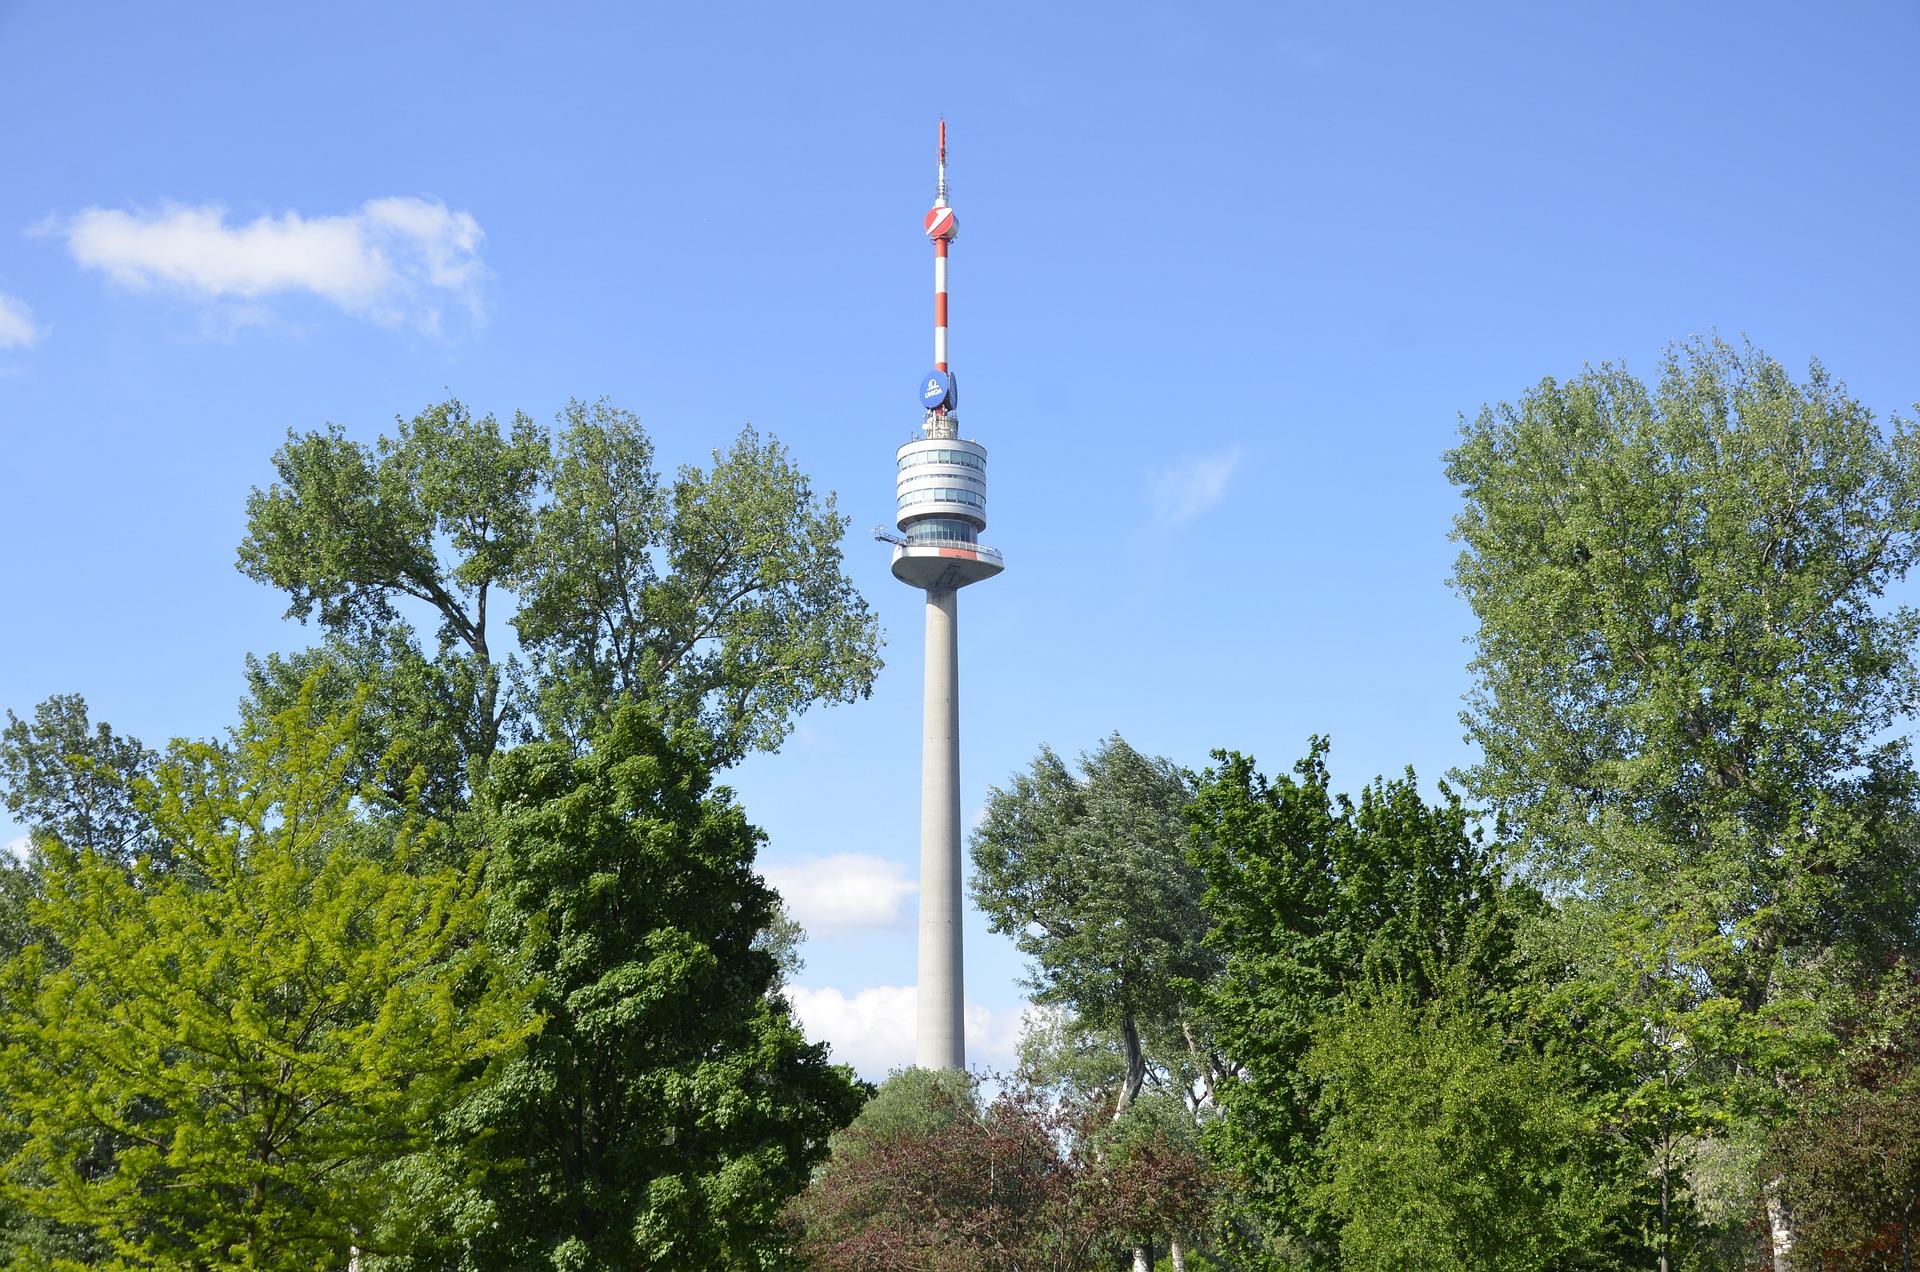 Donau Turm